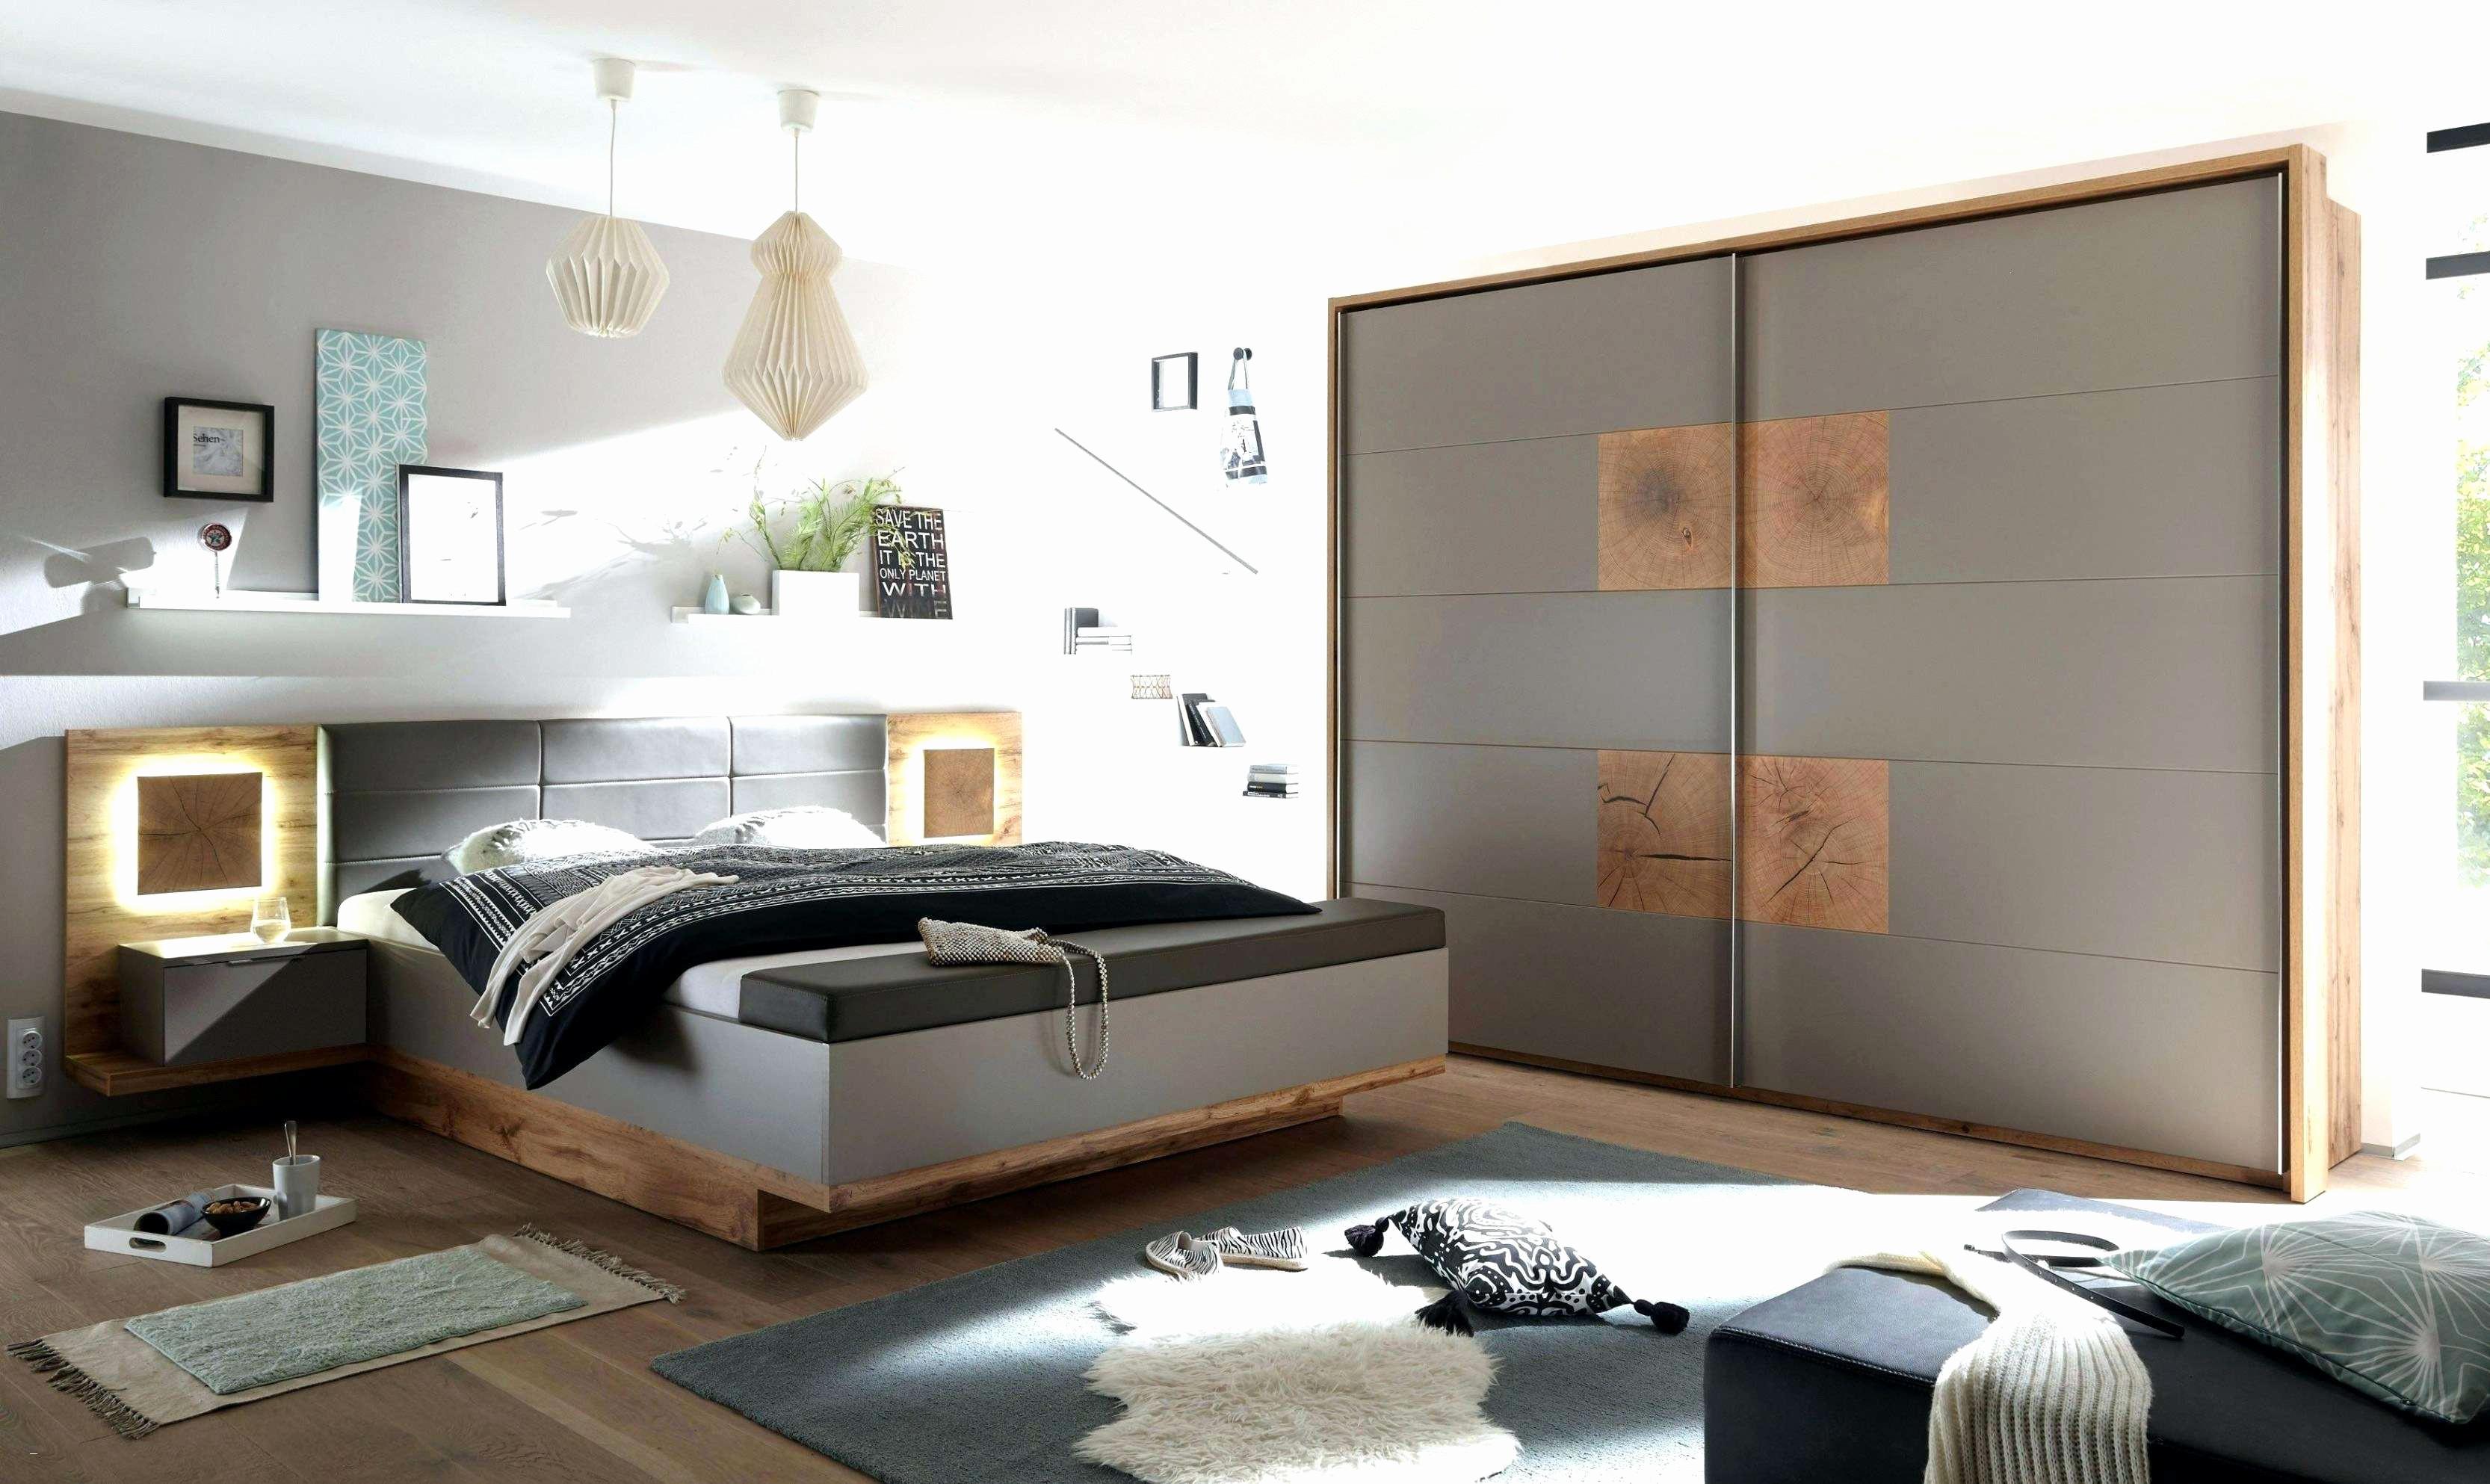 Mansarde Einrichtungsideen Schlafzimmer stilvoll